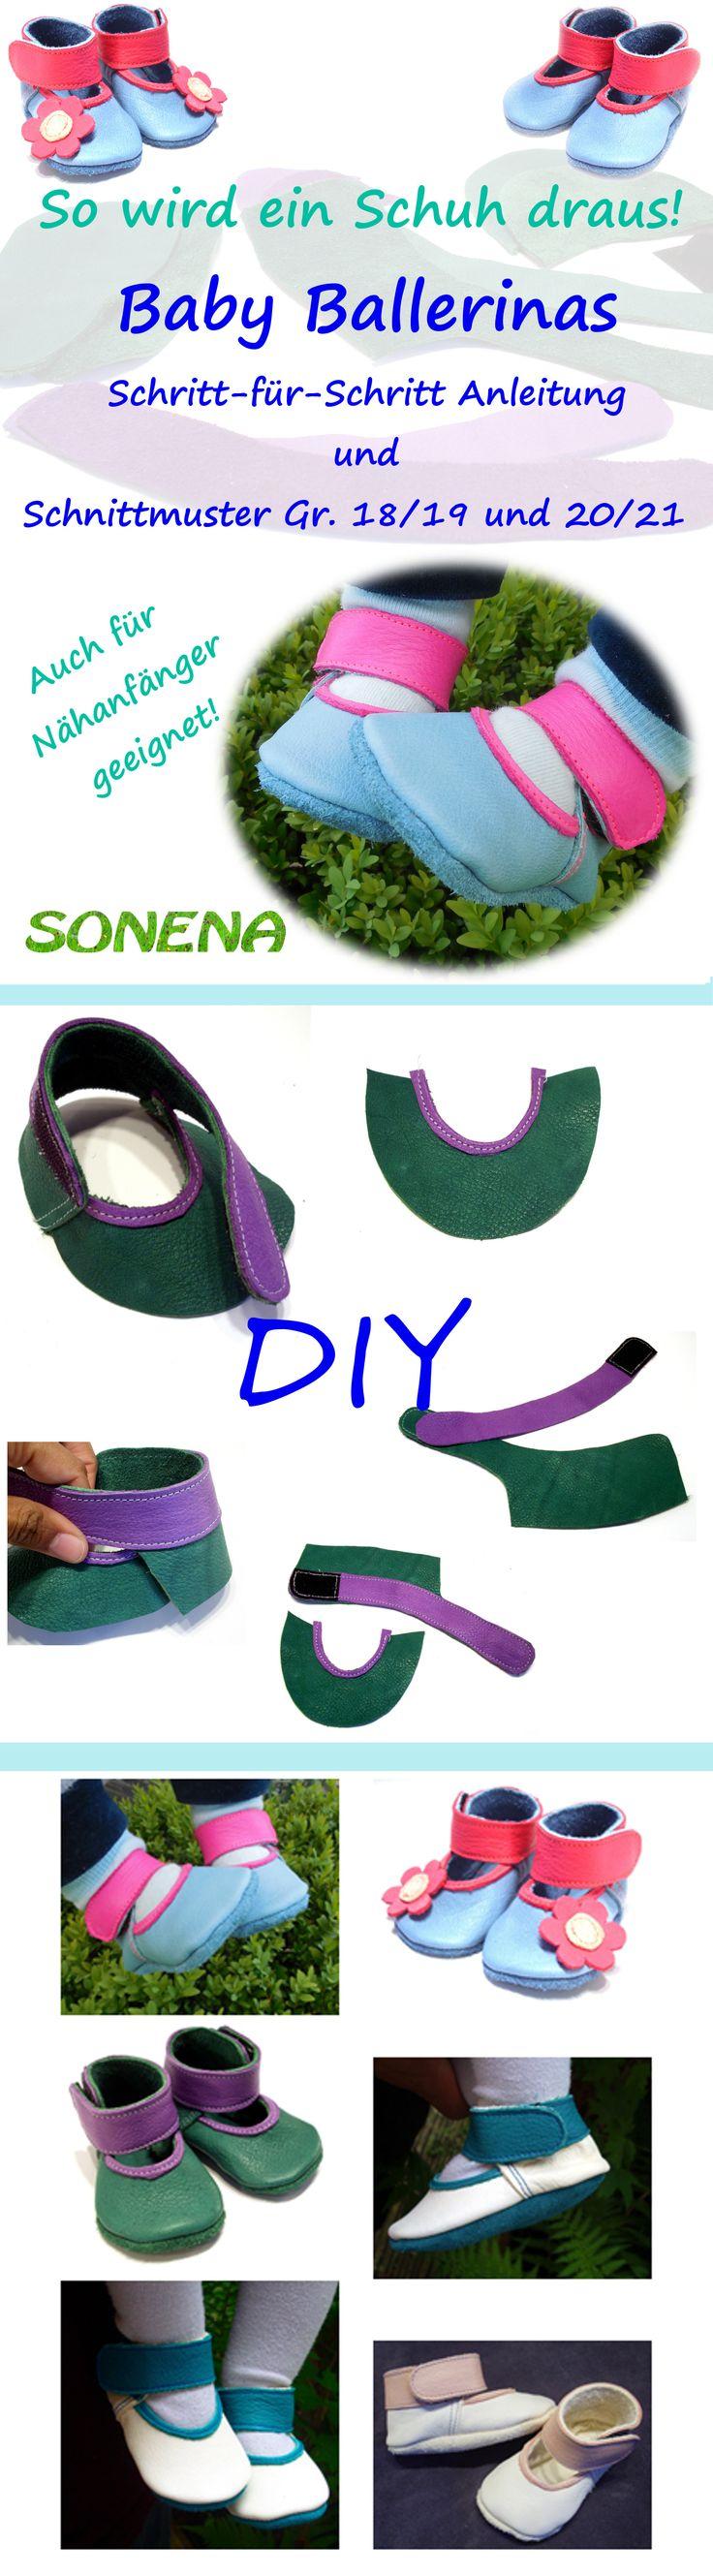 DIY  Lederpuschen Baby Ballerinas / Ballerinapuschen selber nähen aus Leder - Schnittmuster und farbig bebilderte Schritt für Schritt Anleitung als pdf - auch für Nähanfänger geeignet - Sonena - Lederschluppen Babyschuhe Krabbelschuhe Lauflernschuhe